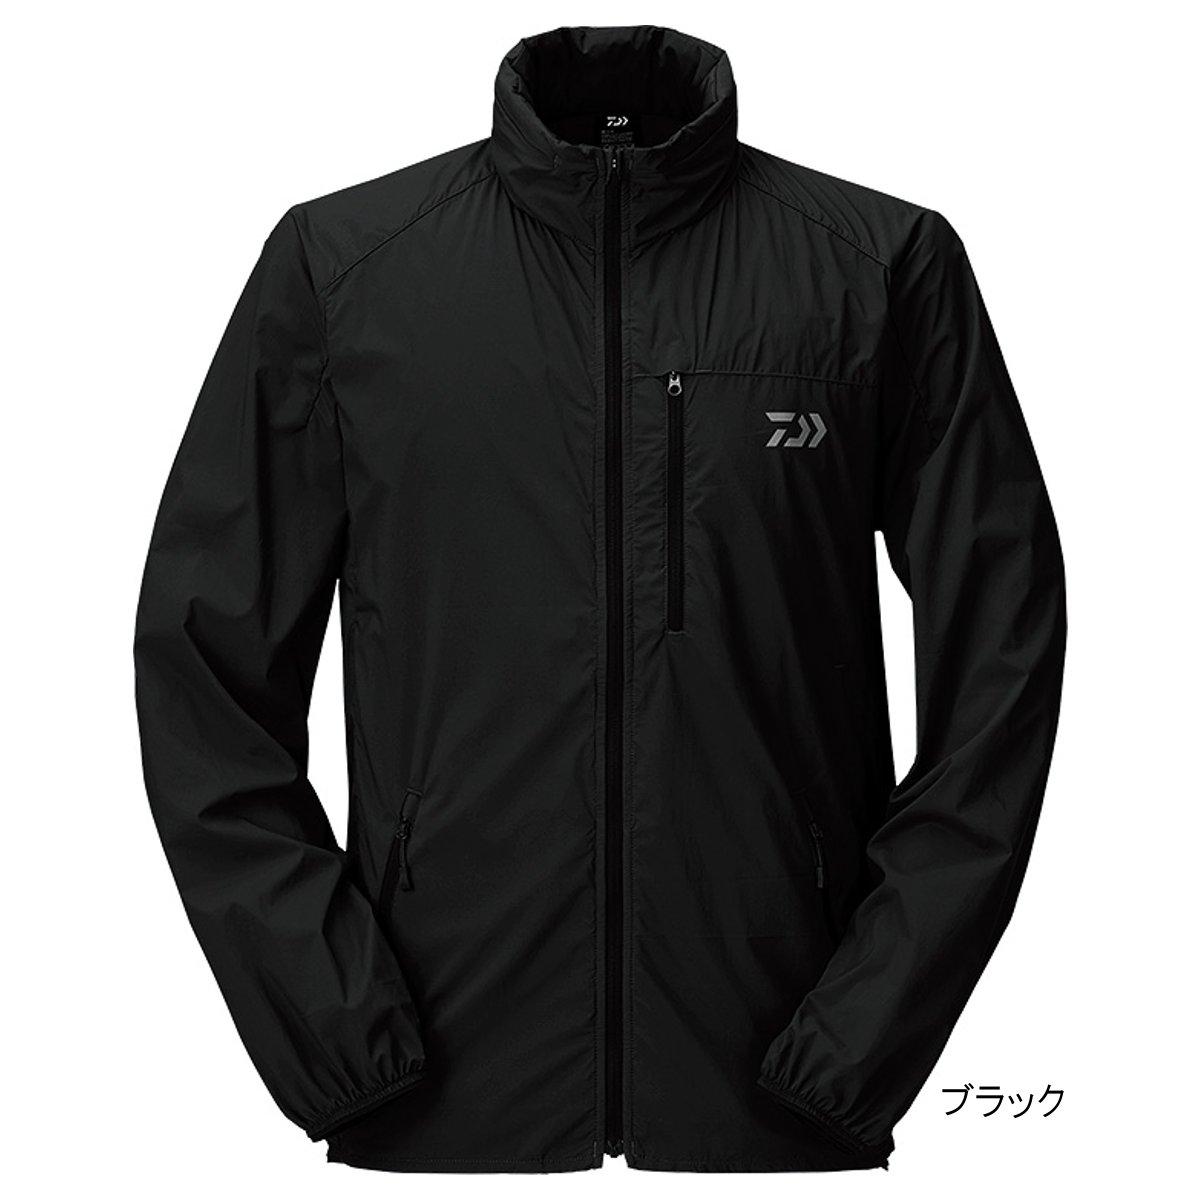 ダイワ ポケッタブルウィンドジャケット DJ-33009 XL ブラック